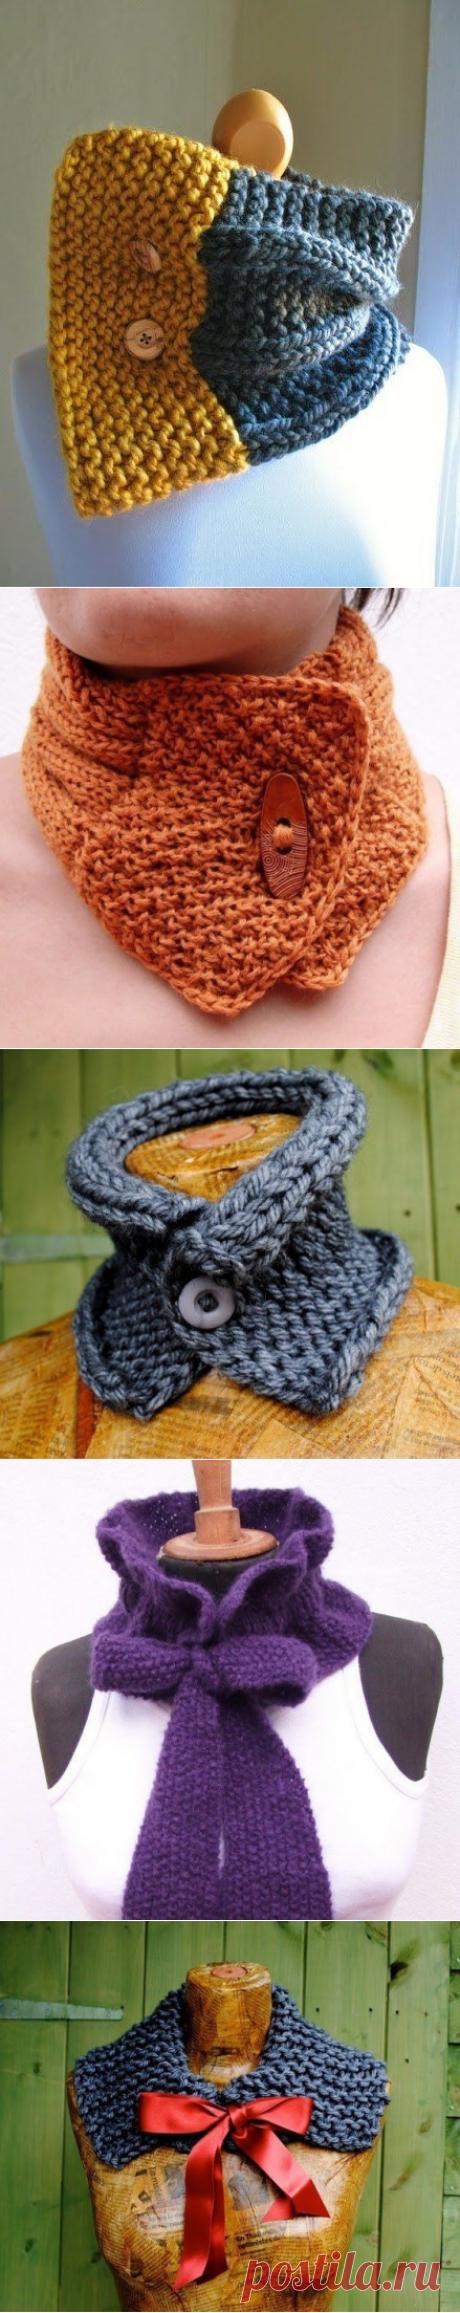 Модное Вязание.Идеи.